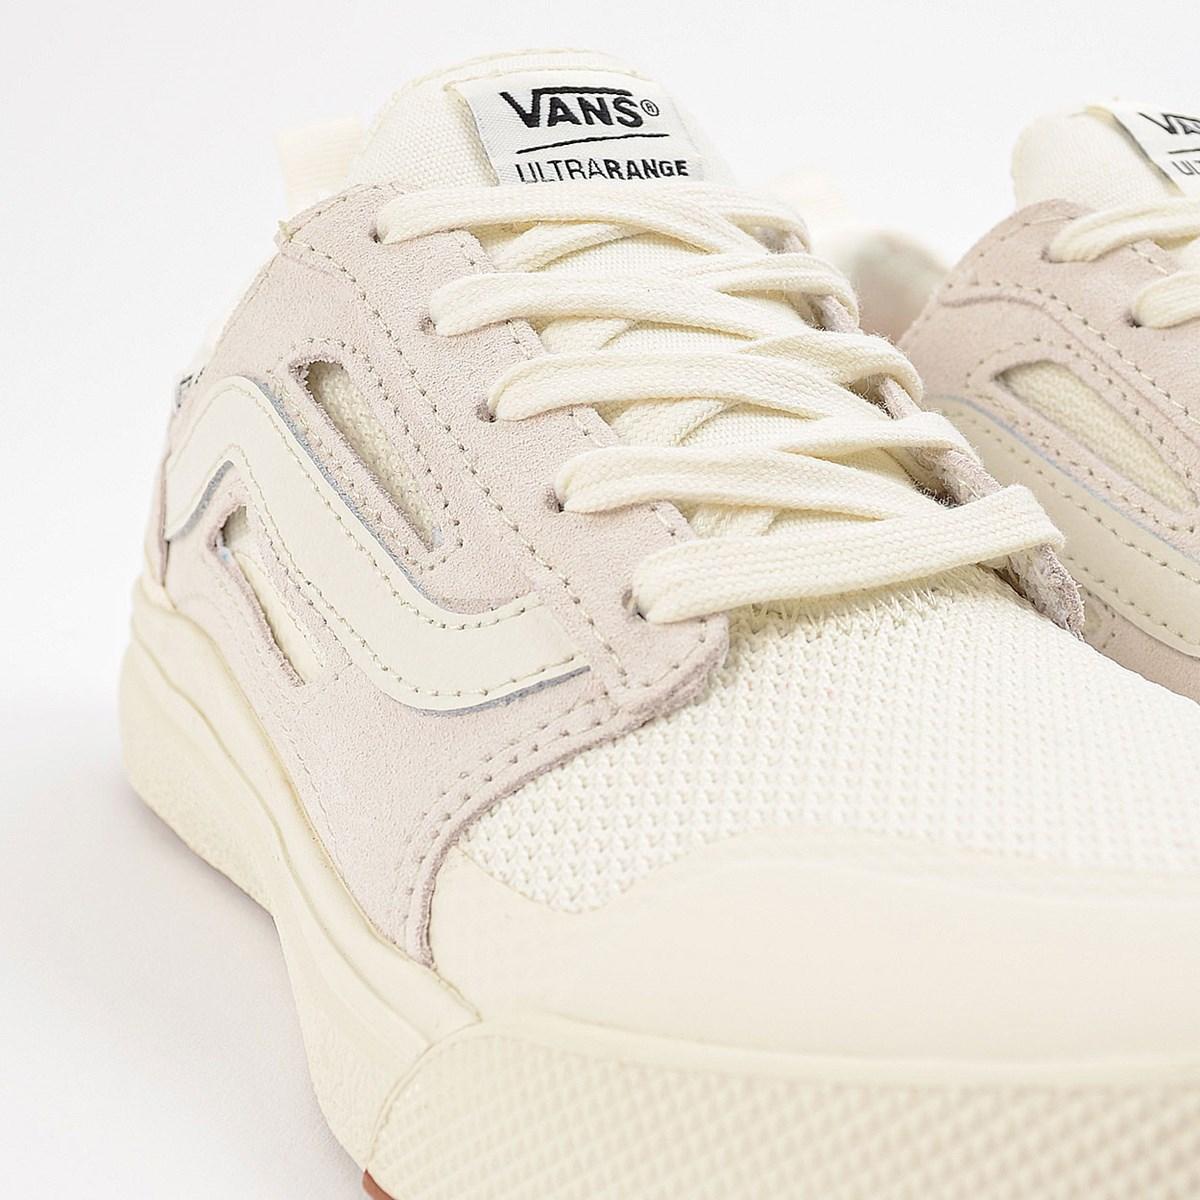 Tênis Vans Ultrarange 3D Marshmallow VN0A3TKWFS8